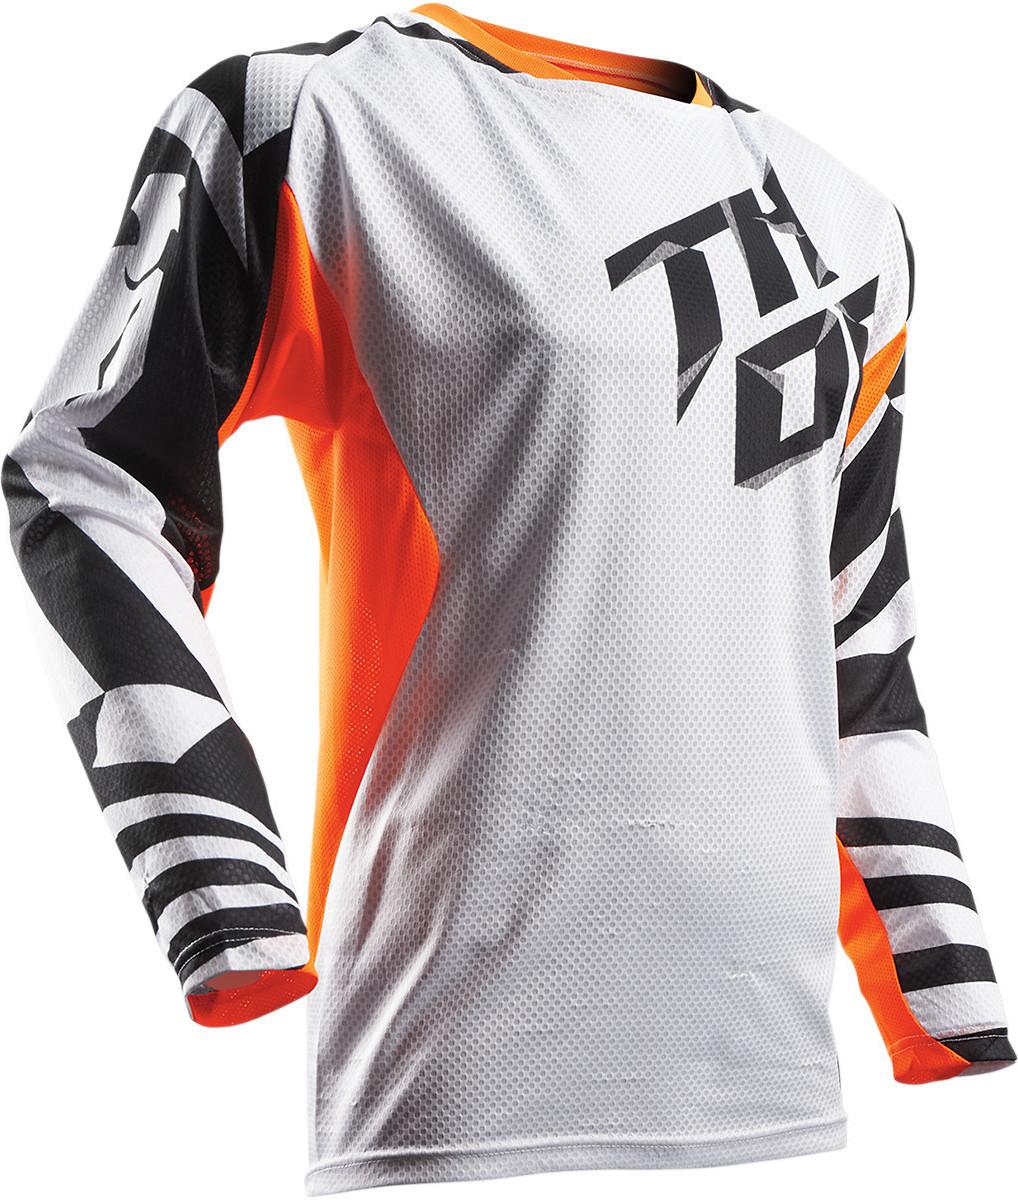 Thor Fuse Jersey & Pant  Thor Fuse White, Orange, and Black